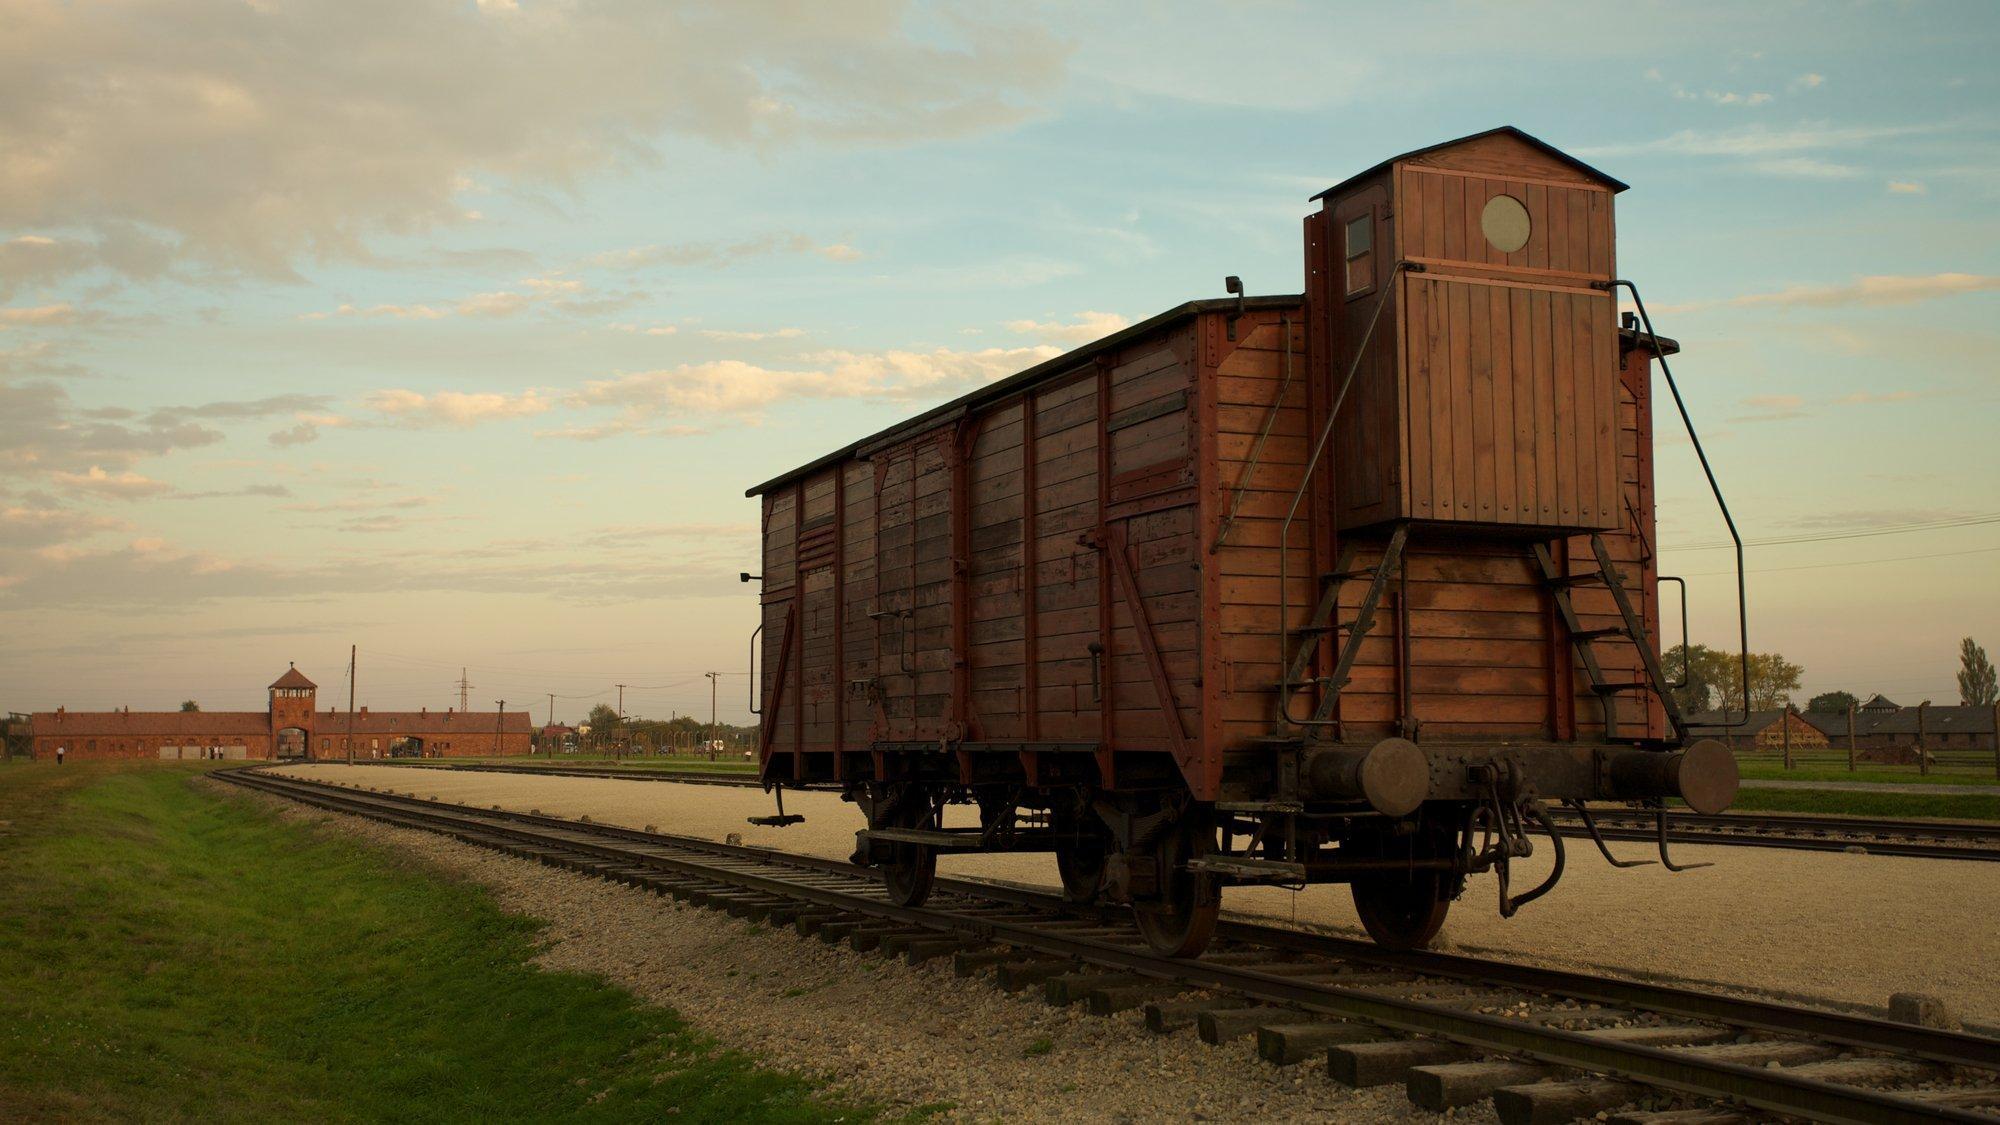 Ein einzelner, geschlossener Waggon auf Schienen. Im Hintergrund sind man das Konzentrationslager Auschwitz-Birkenau